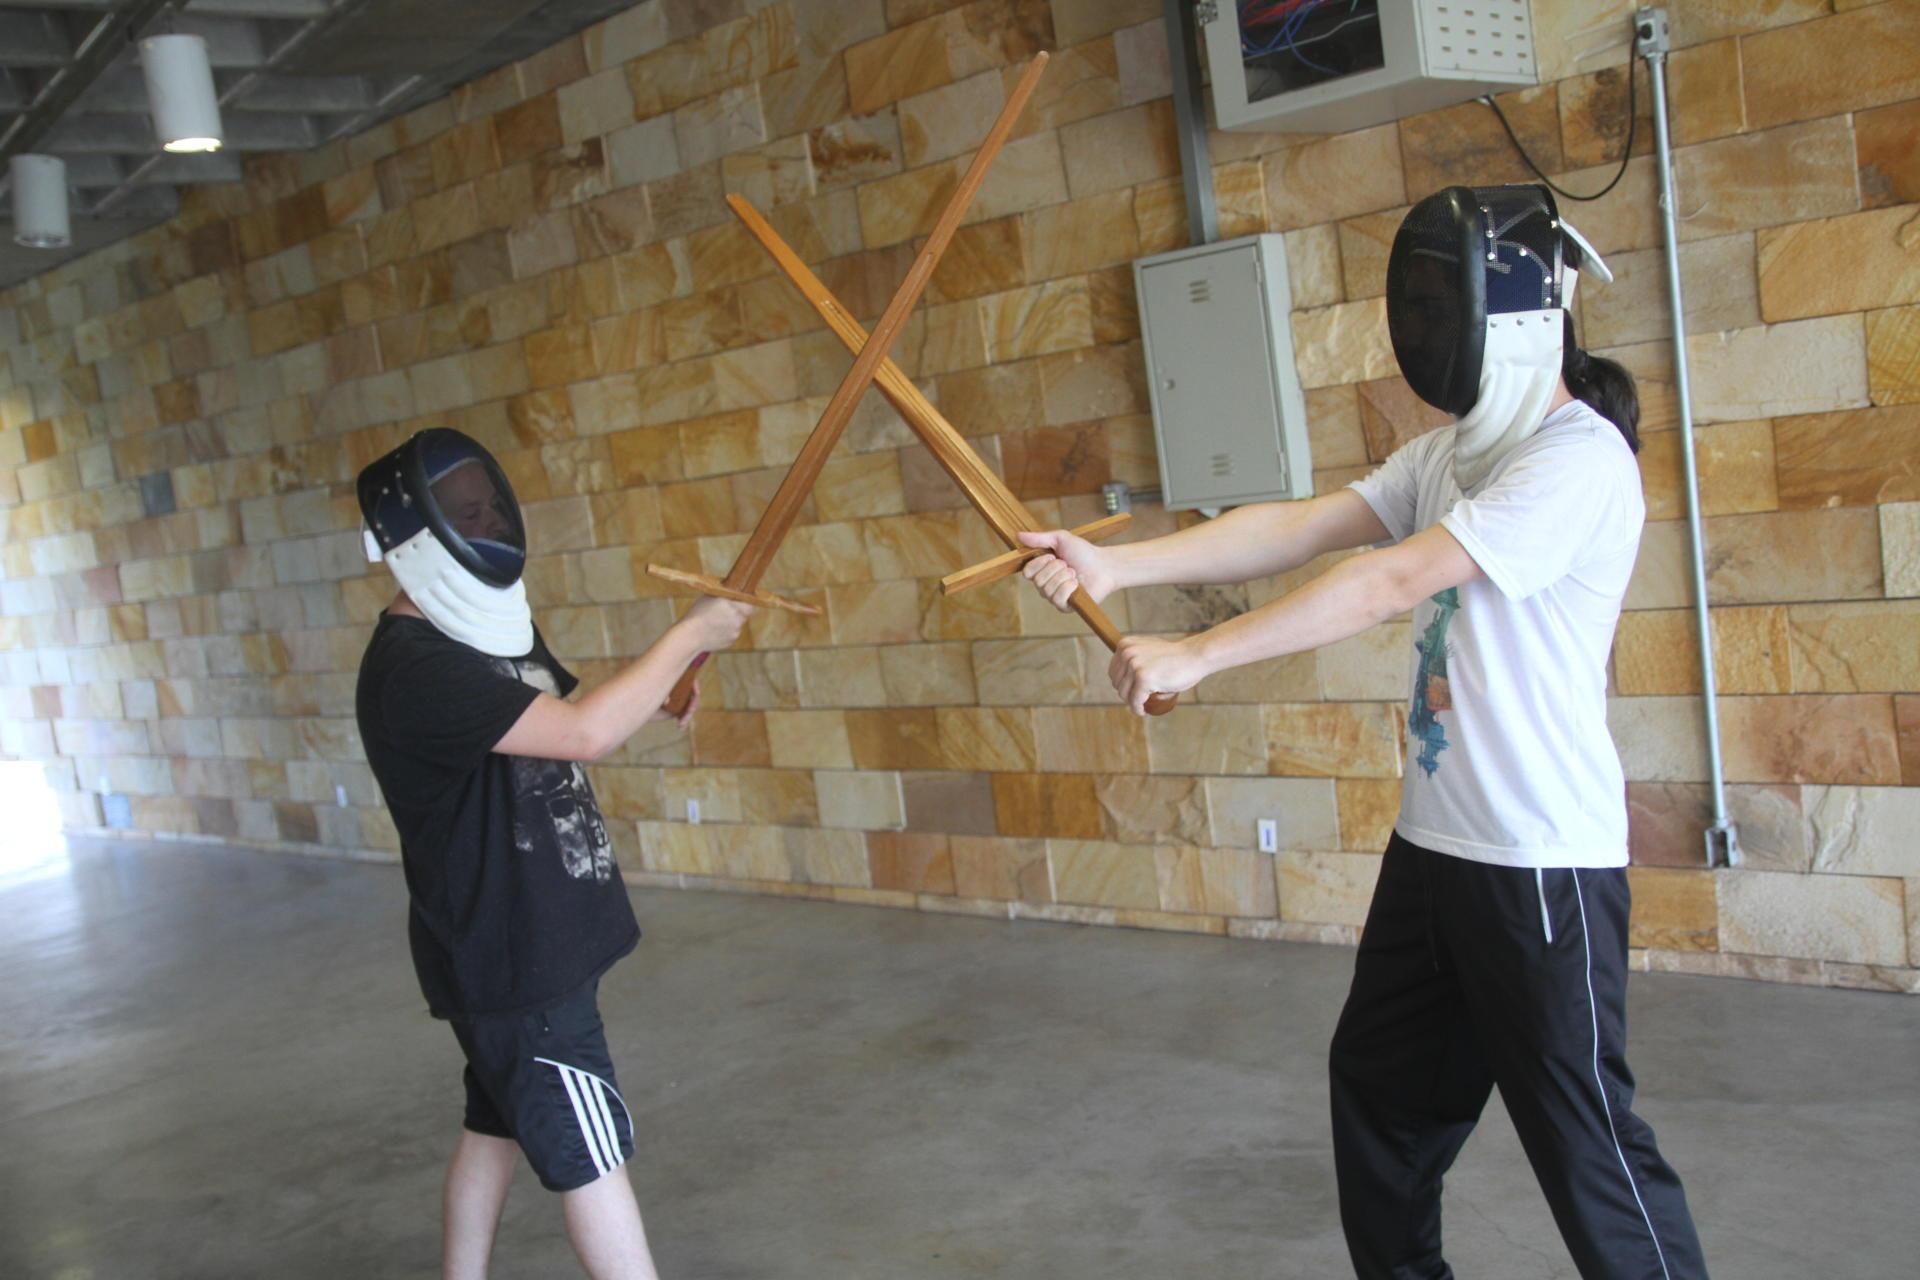 Foto colorida horizontal mostra duas pessoas, com máscaras e espadas de madeira, simulando uma luta